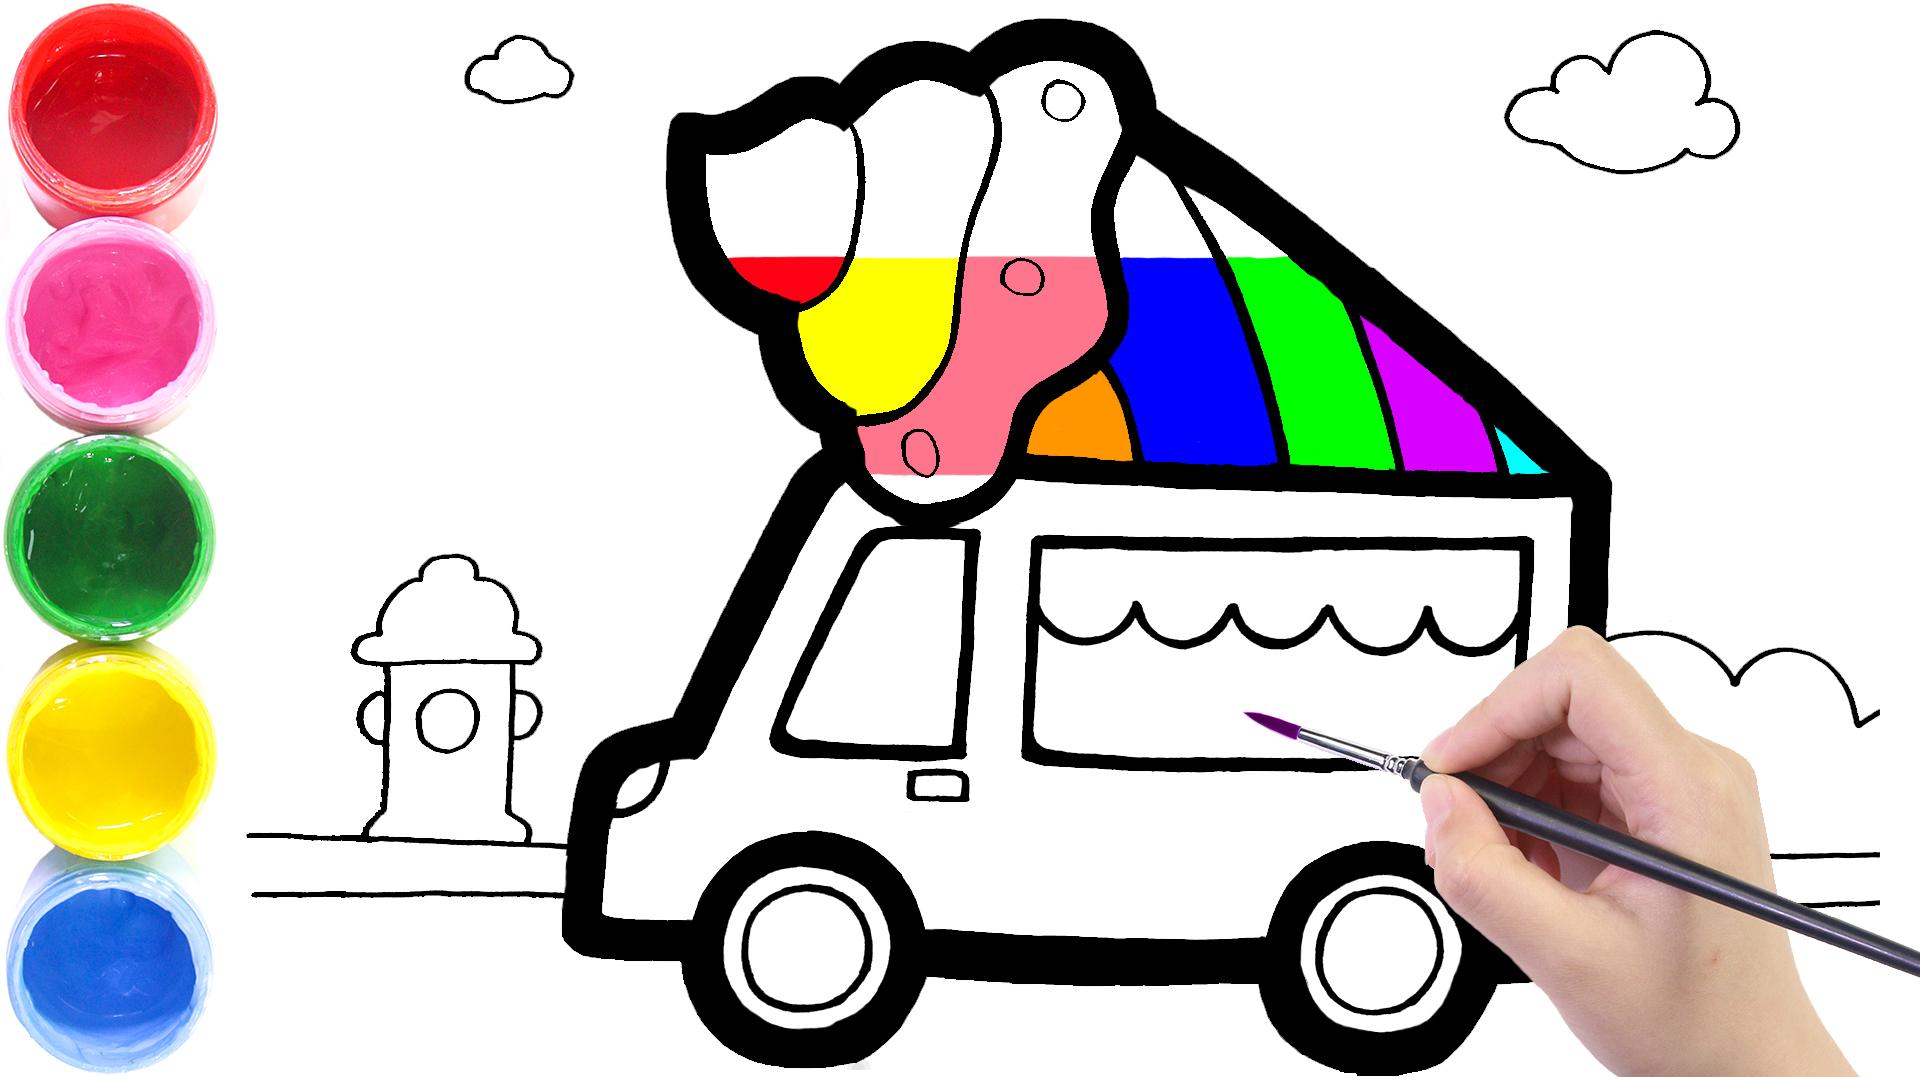 可爱的汽车绘画图片 可爱的汽车简笔画图片大全